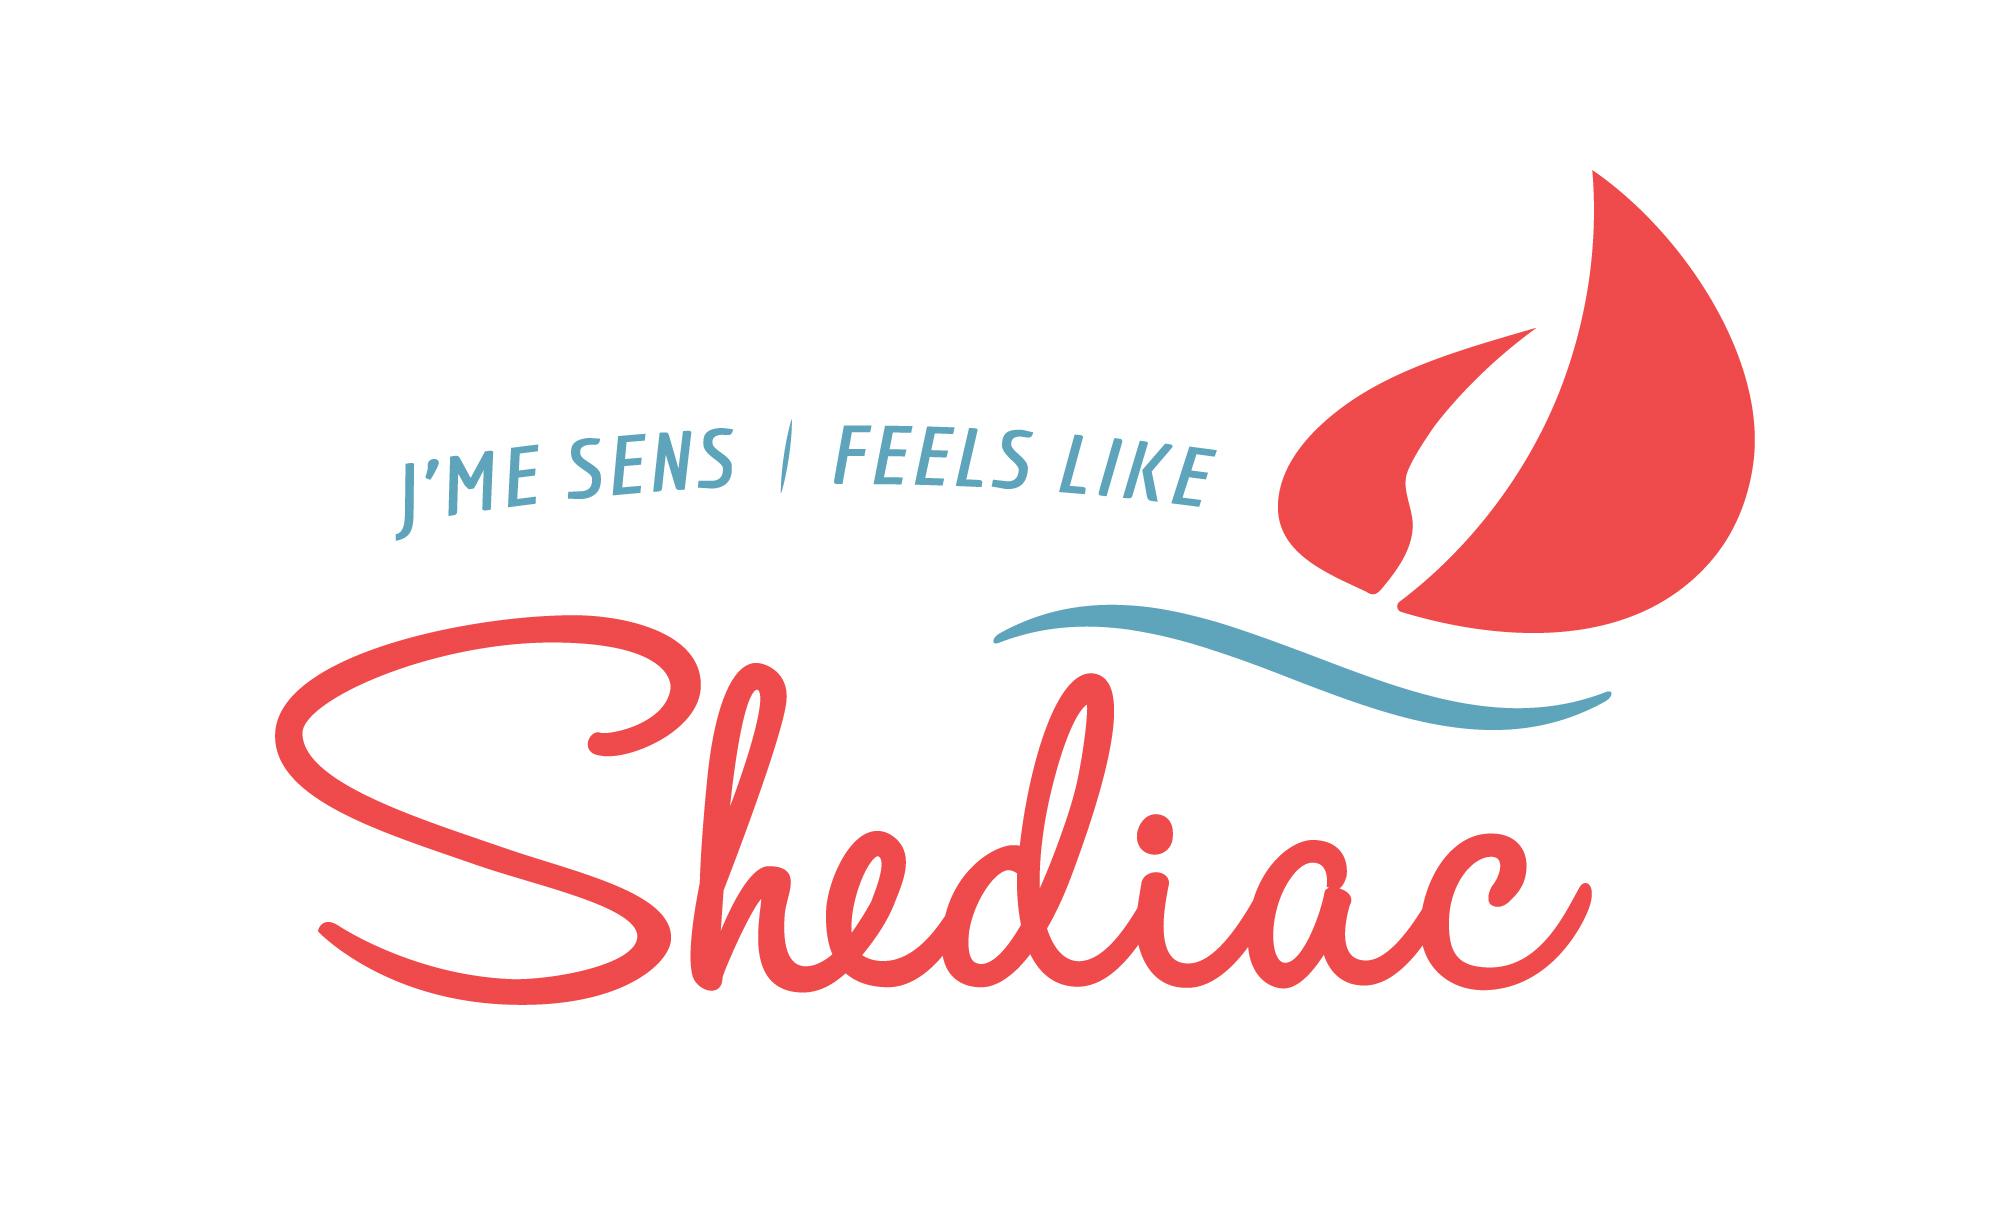 Feels_Like_Shediac.jpg